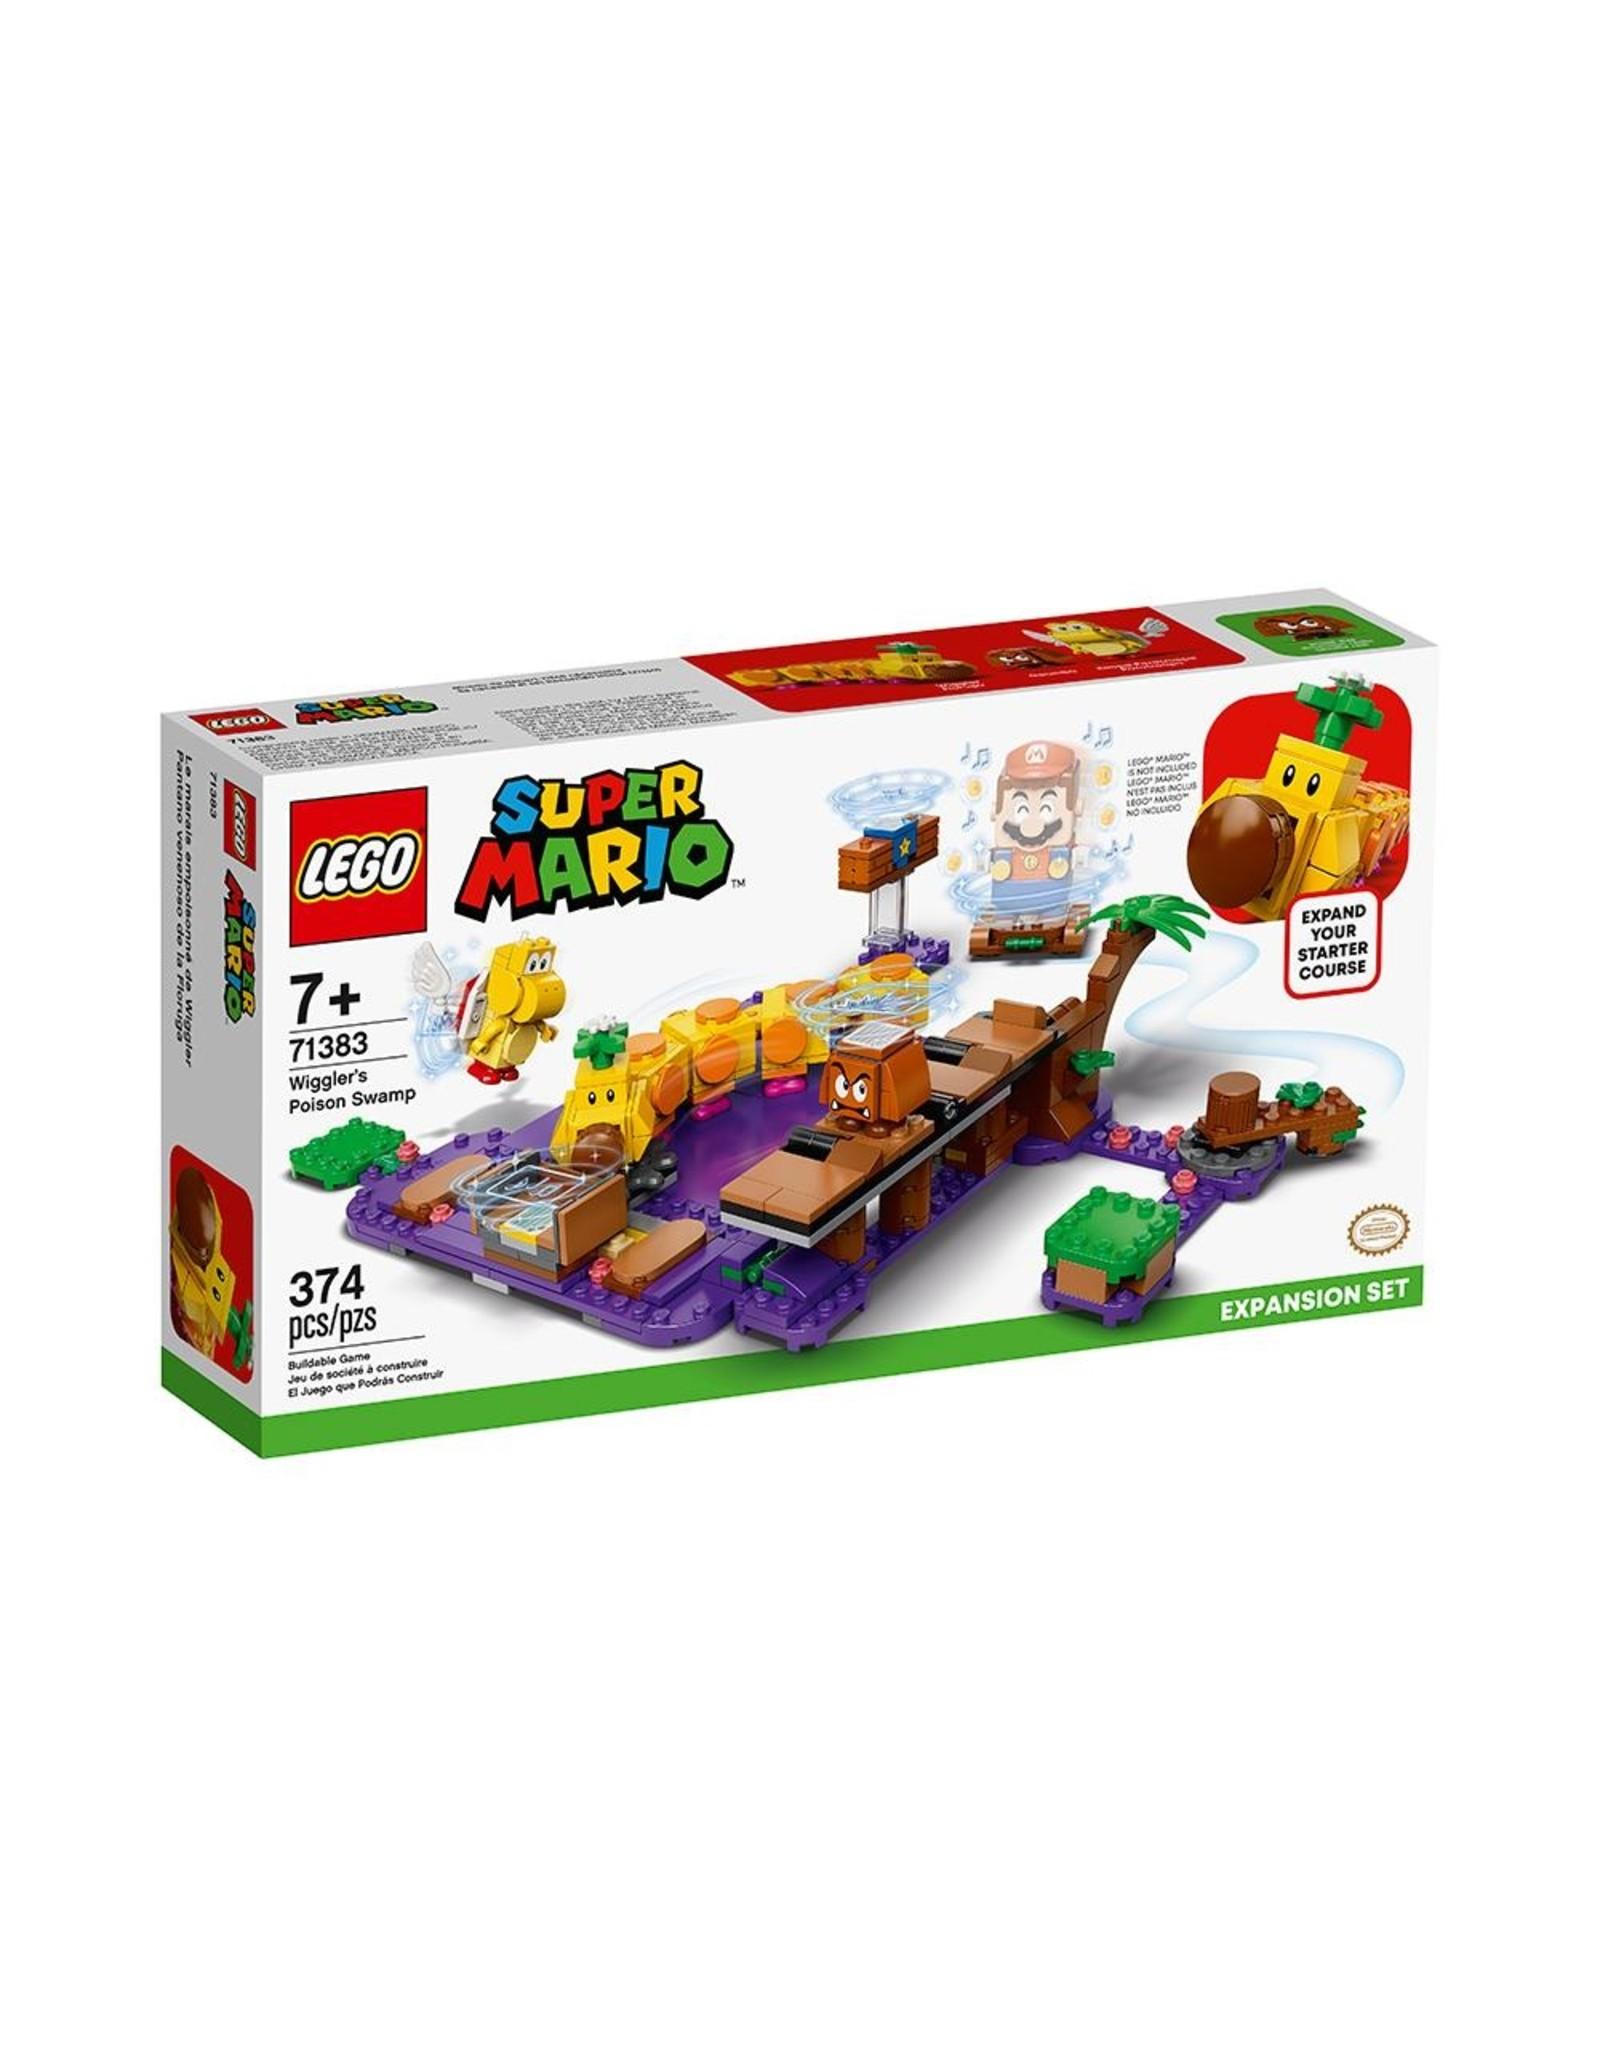 LEGO Super Mario - 71383 - Wiggler's Poison Swamp Expansion Set